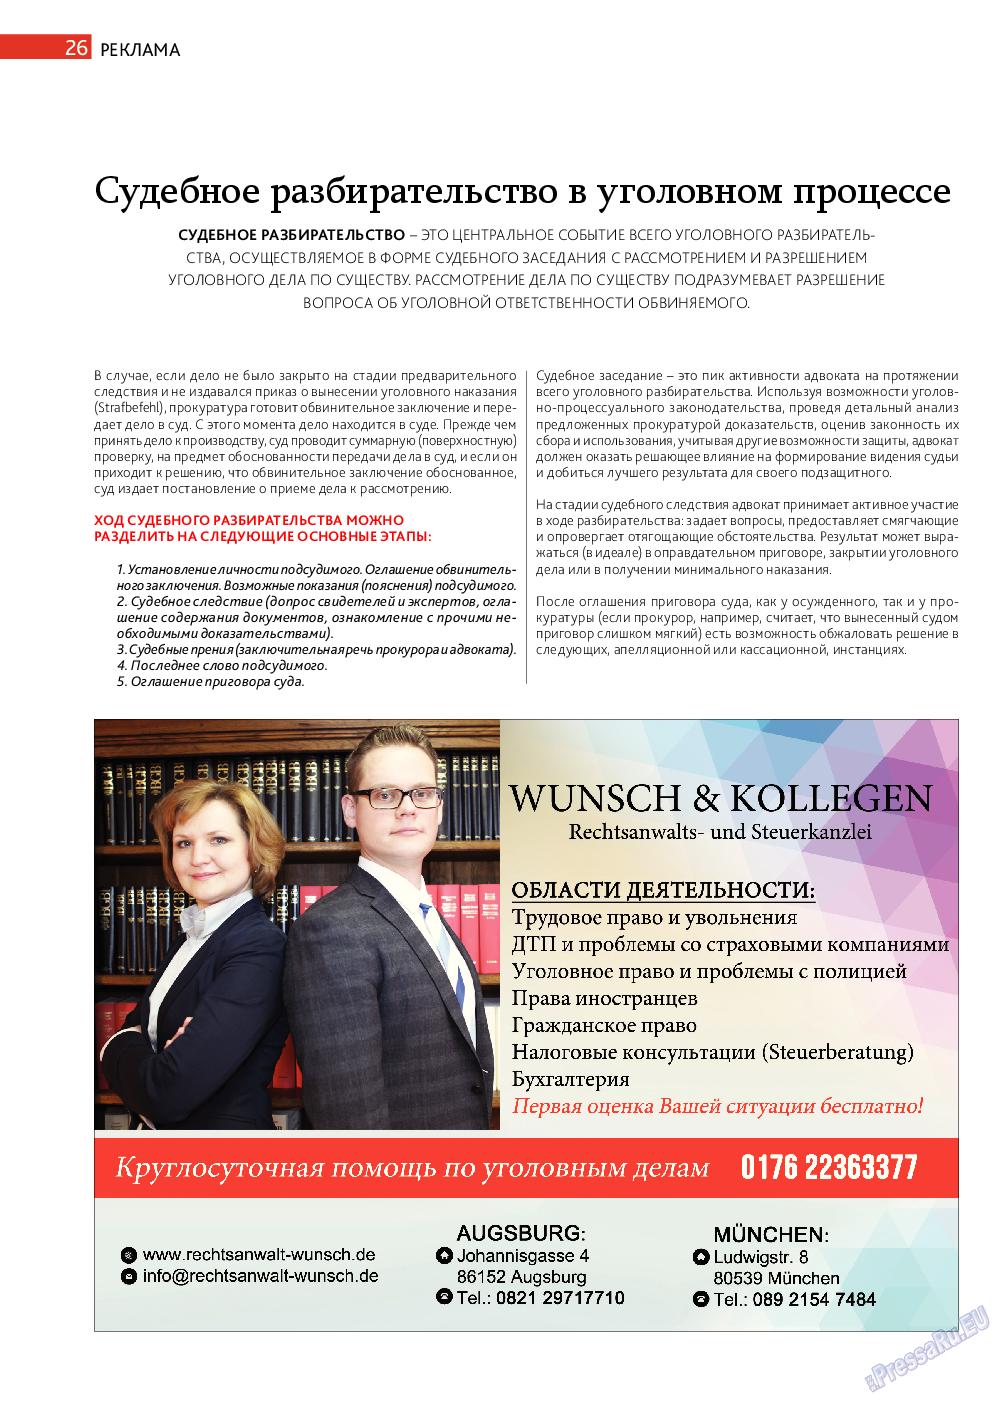 Афиша Augsburg (журнал). 2017 год, номер 2, стр. 26